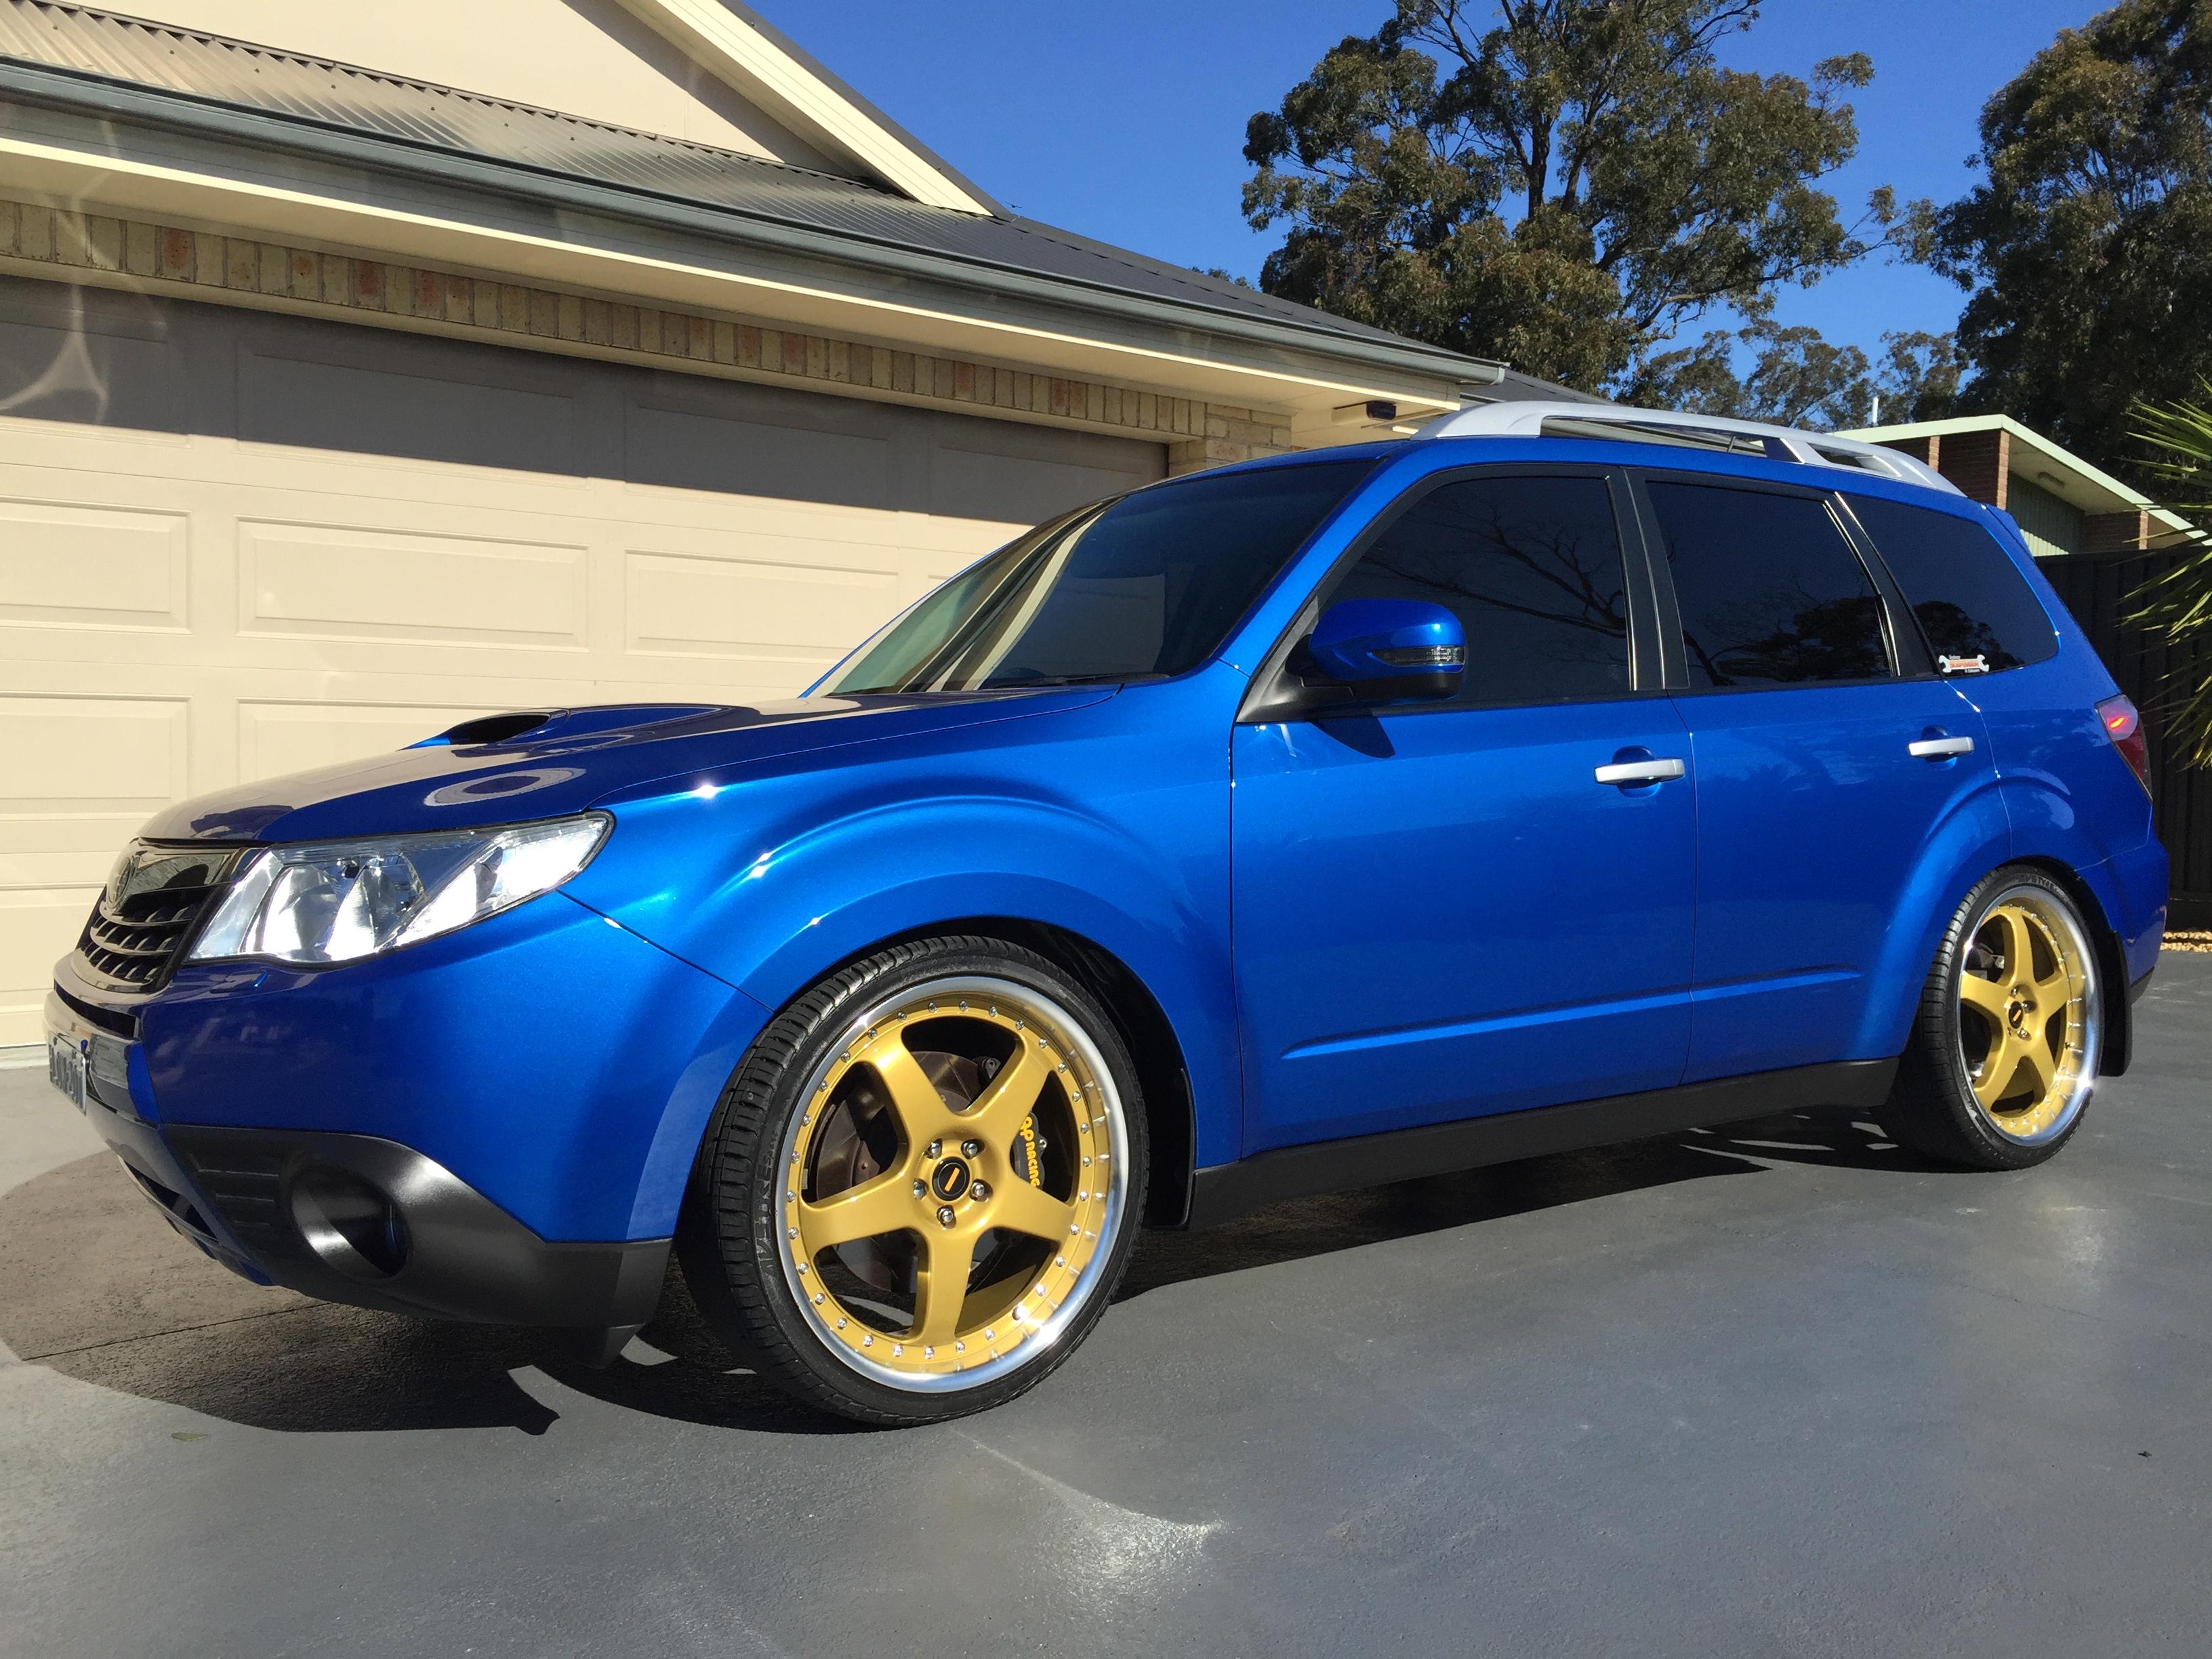 2011 Subaru Forester S MY11 | Car Sales NSW: Penrith #2690919